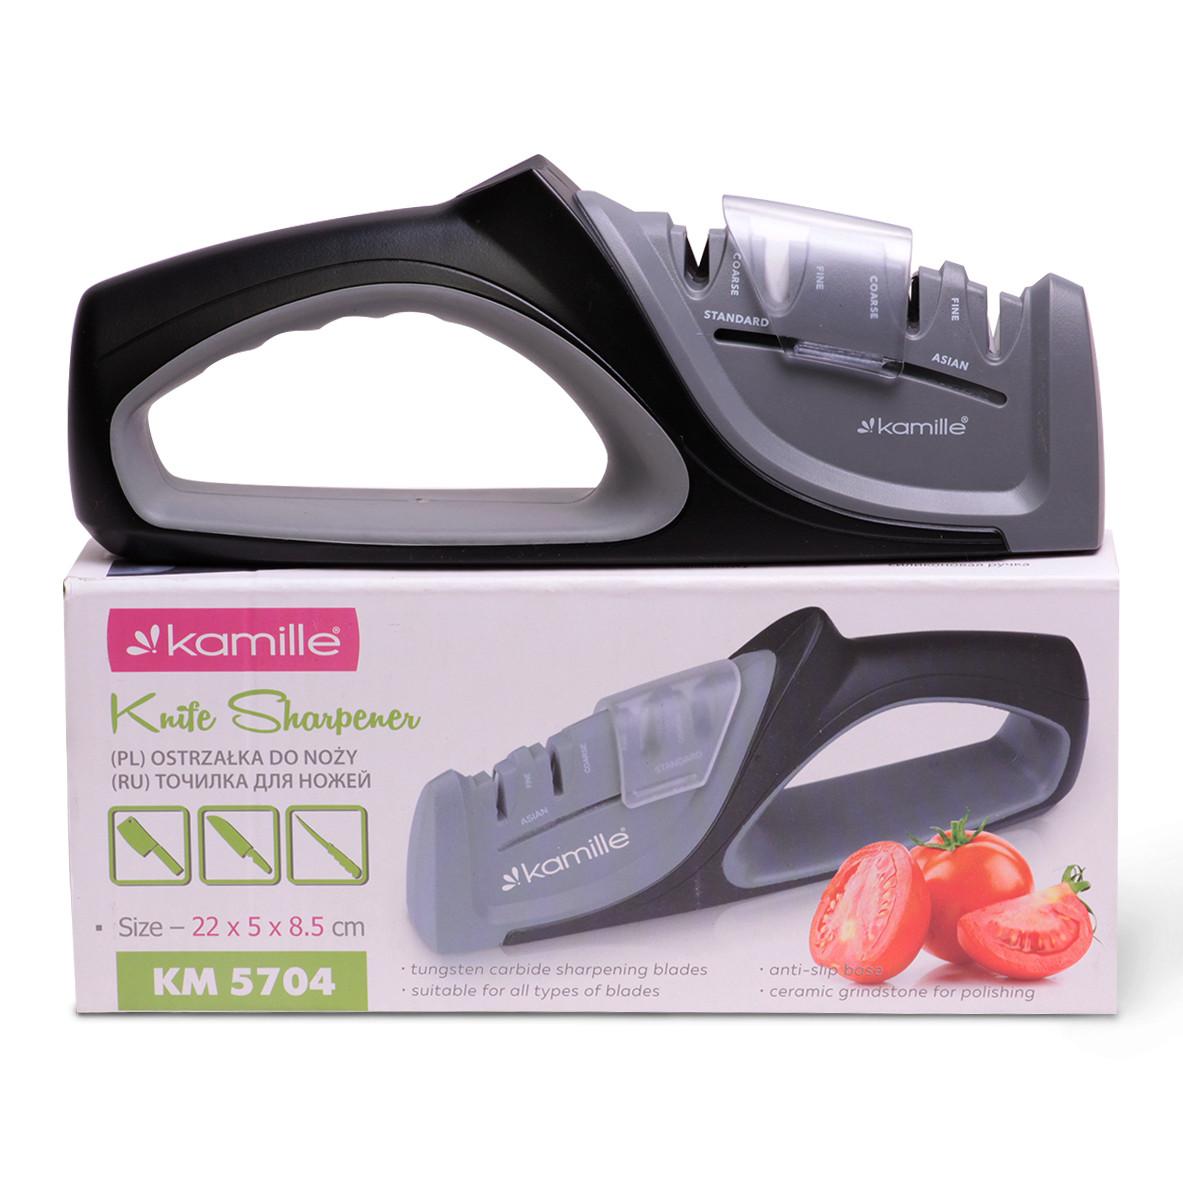 Точилка для ножей Kamille (ножеточка) с 2 видами точил (грубая заточка и керамическая полировка)